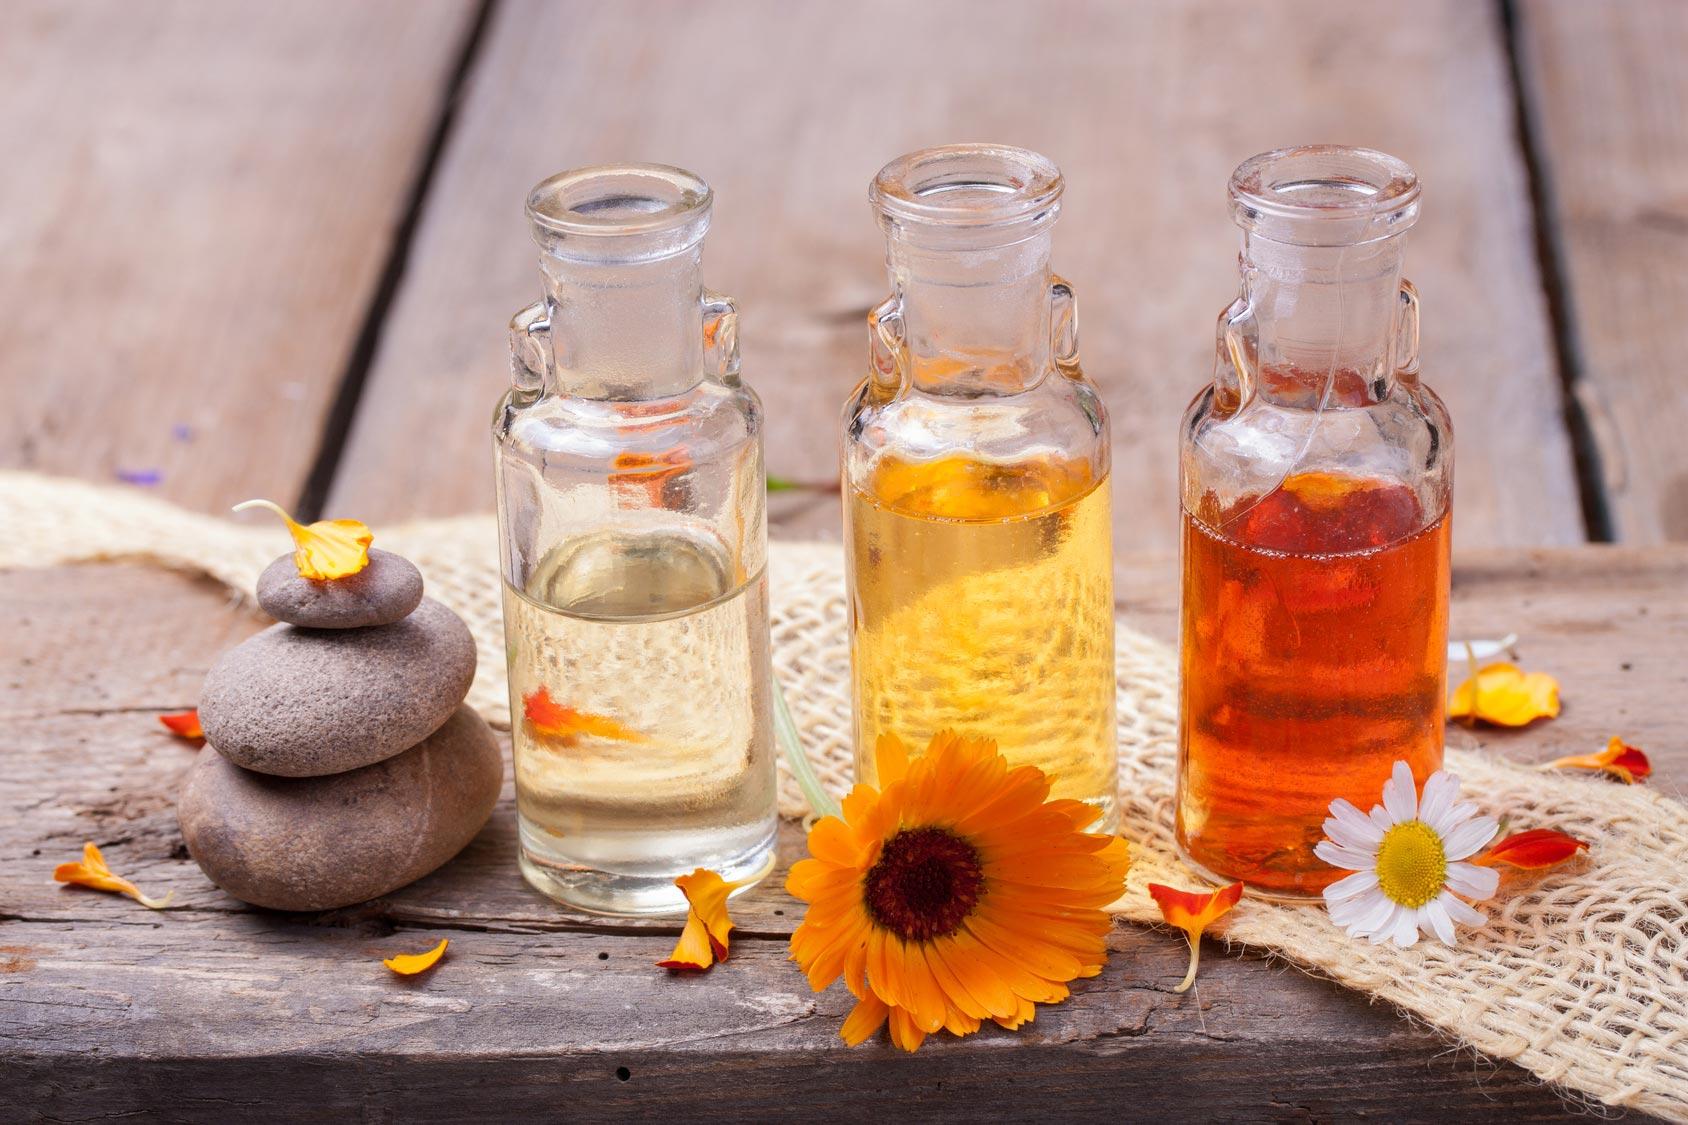 Как масло влияет на материальное состояние